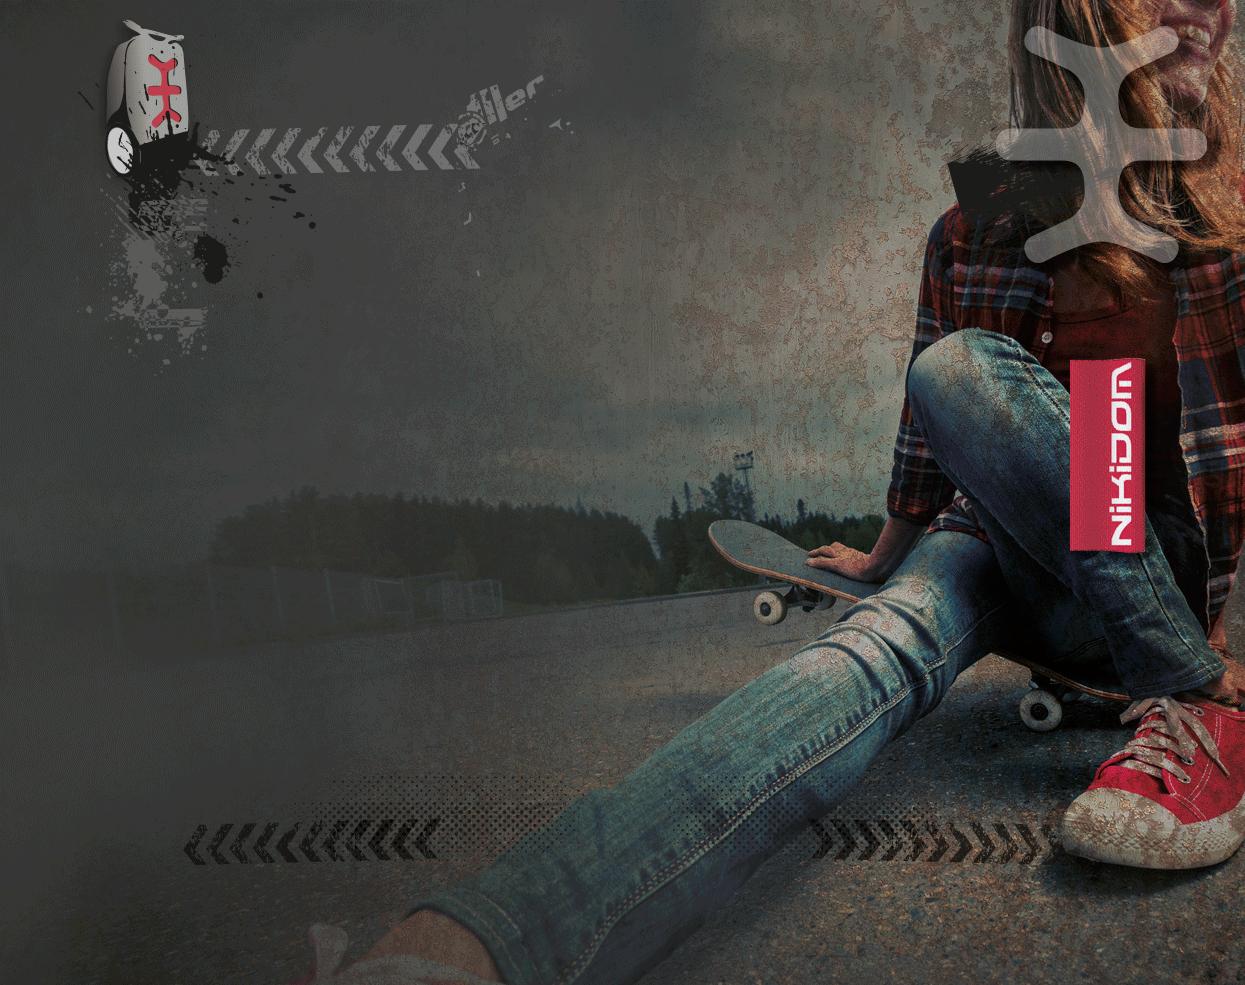 Рюкзак на колесиках Roller White Fire Nikidom Camo арт. 9024 (19 литров), - фото 9